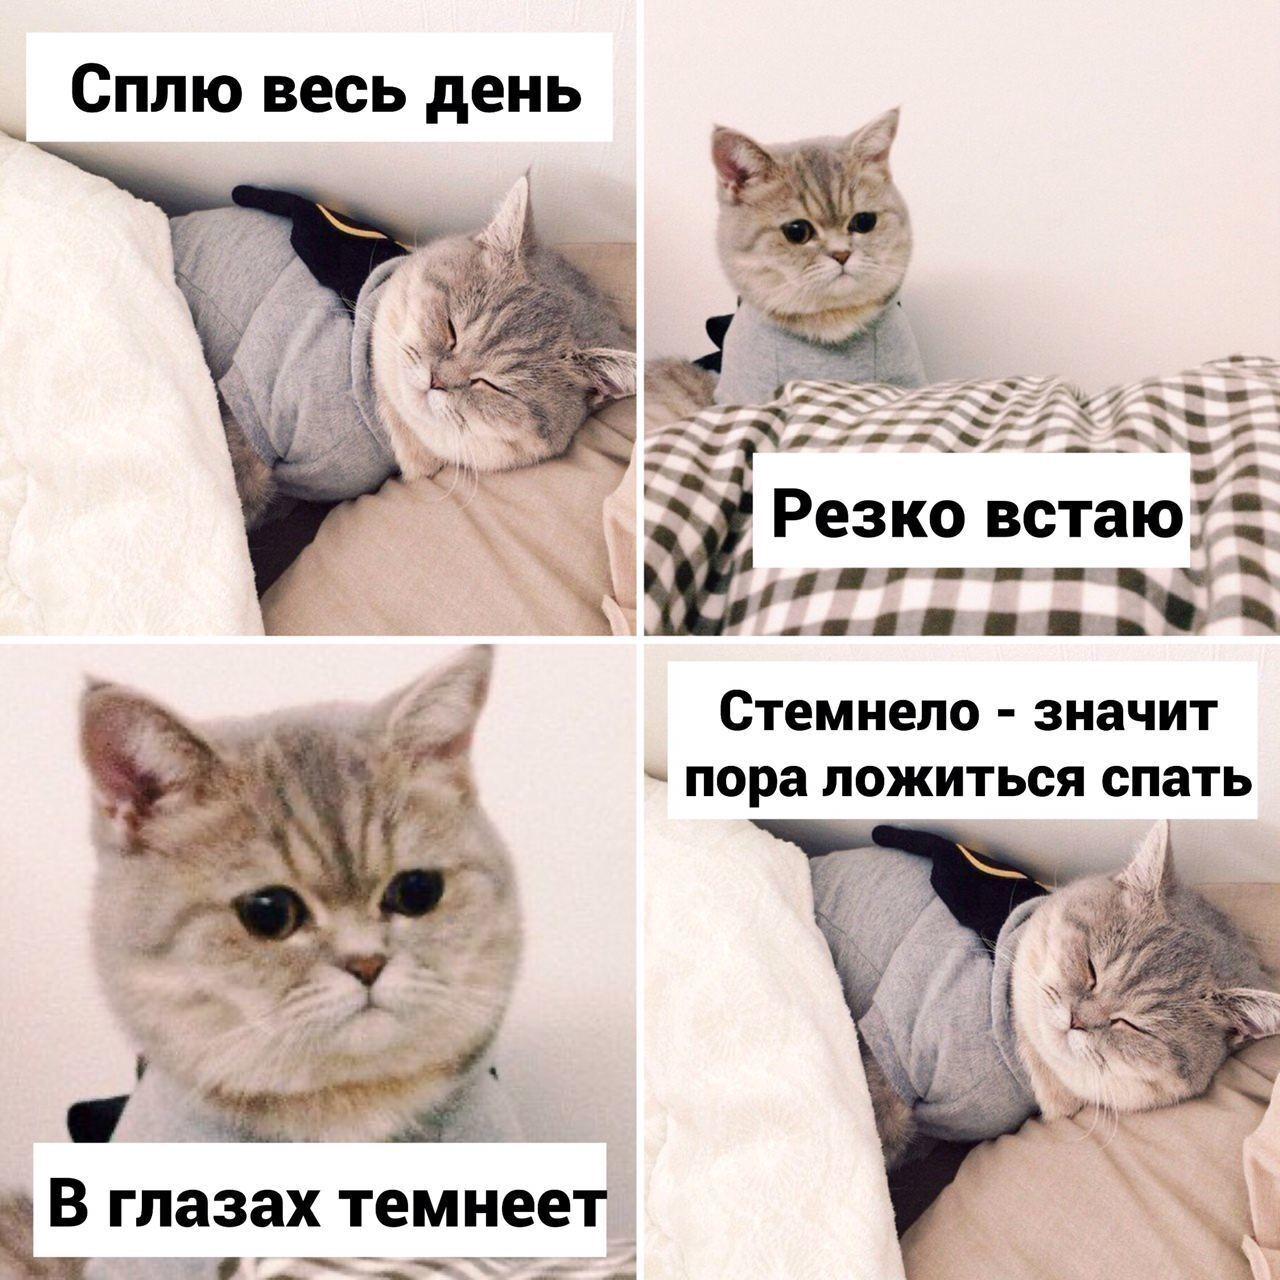 Мем із котом